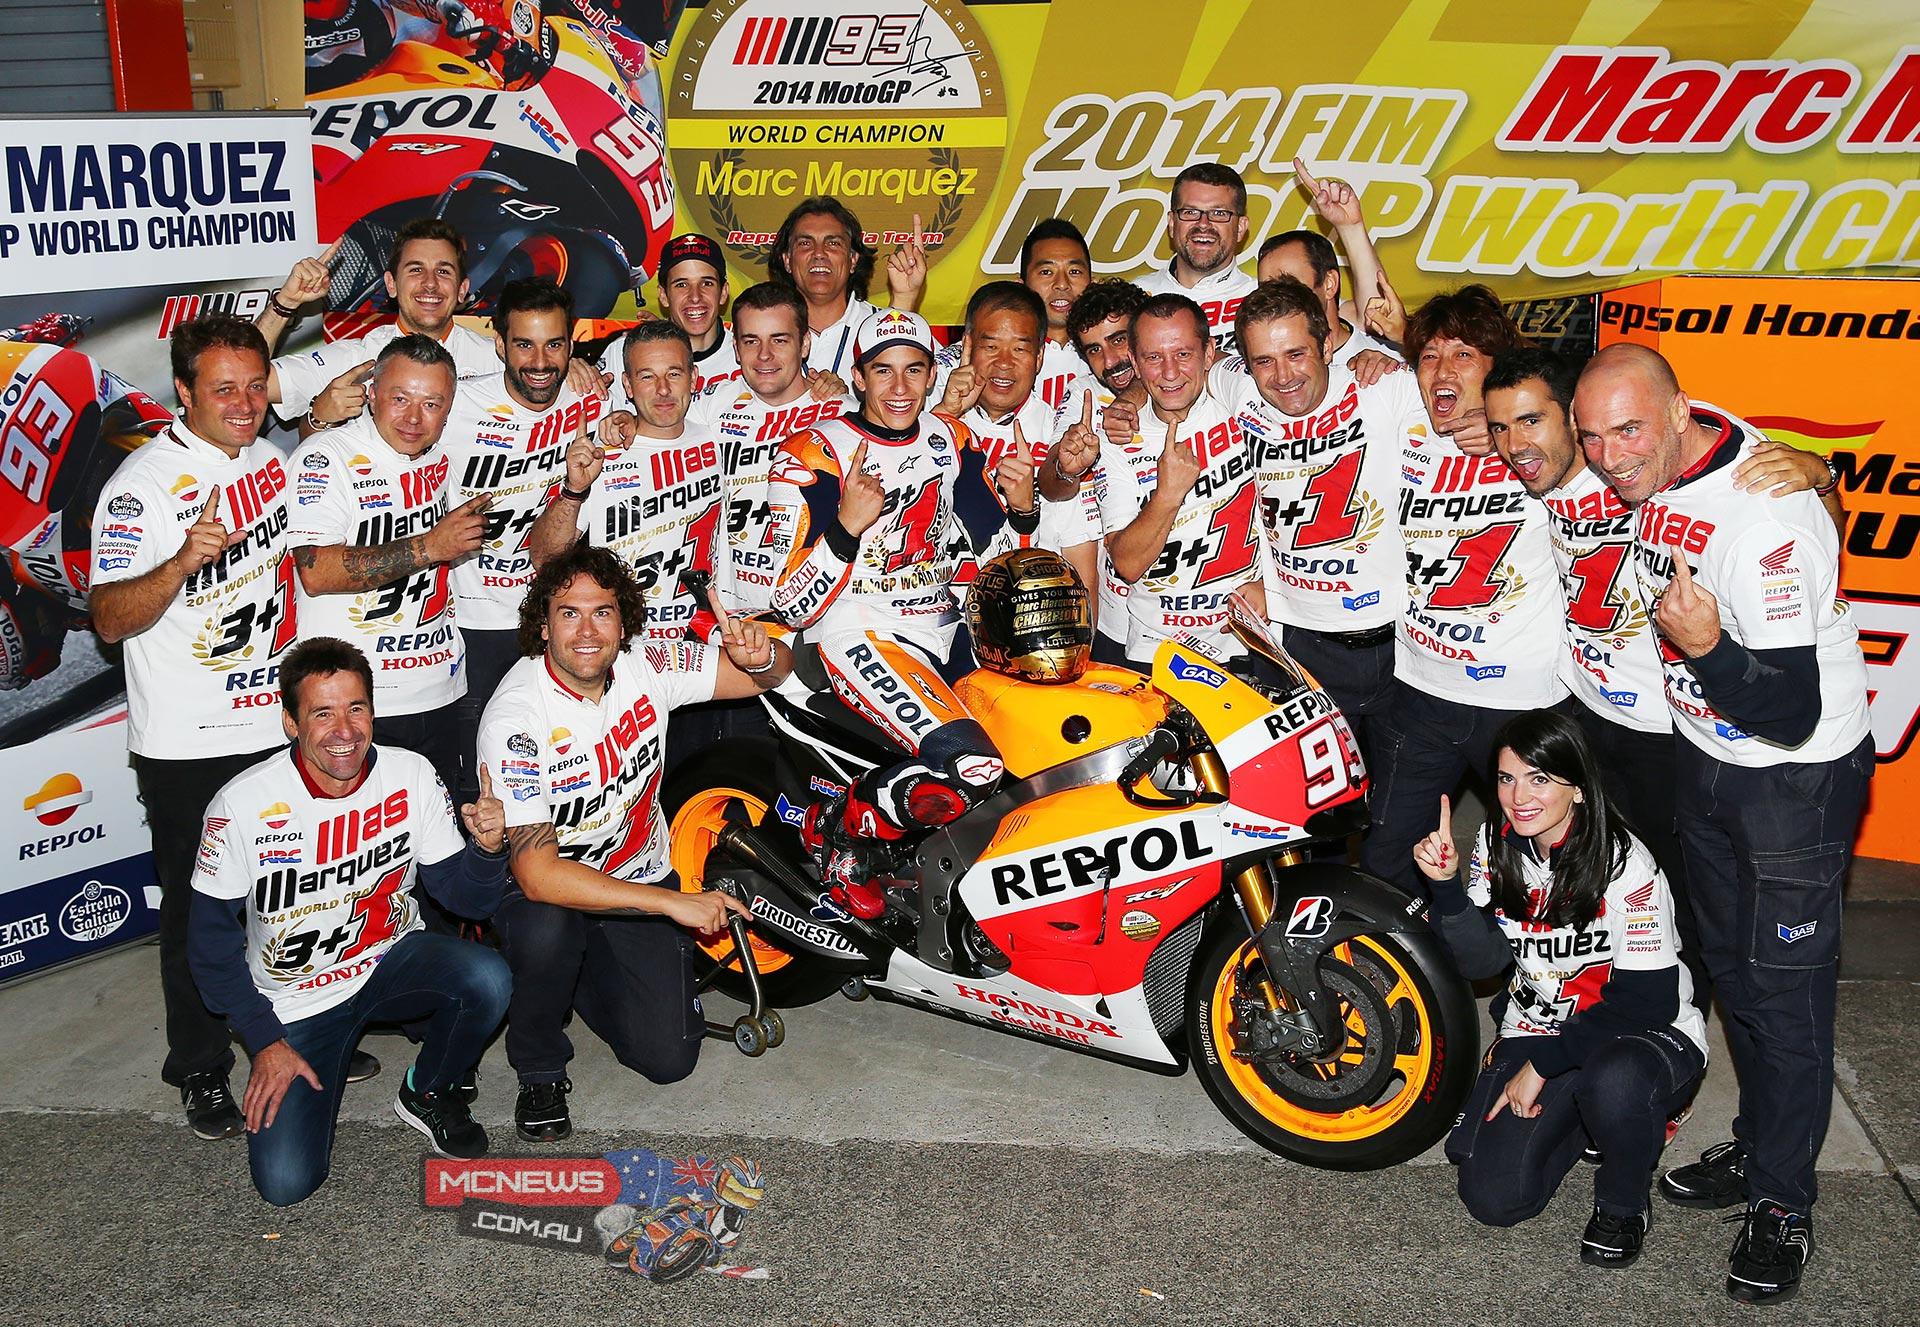 Marc Marquez - 2014 MotoGP Champion   MCNews.com.au